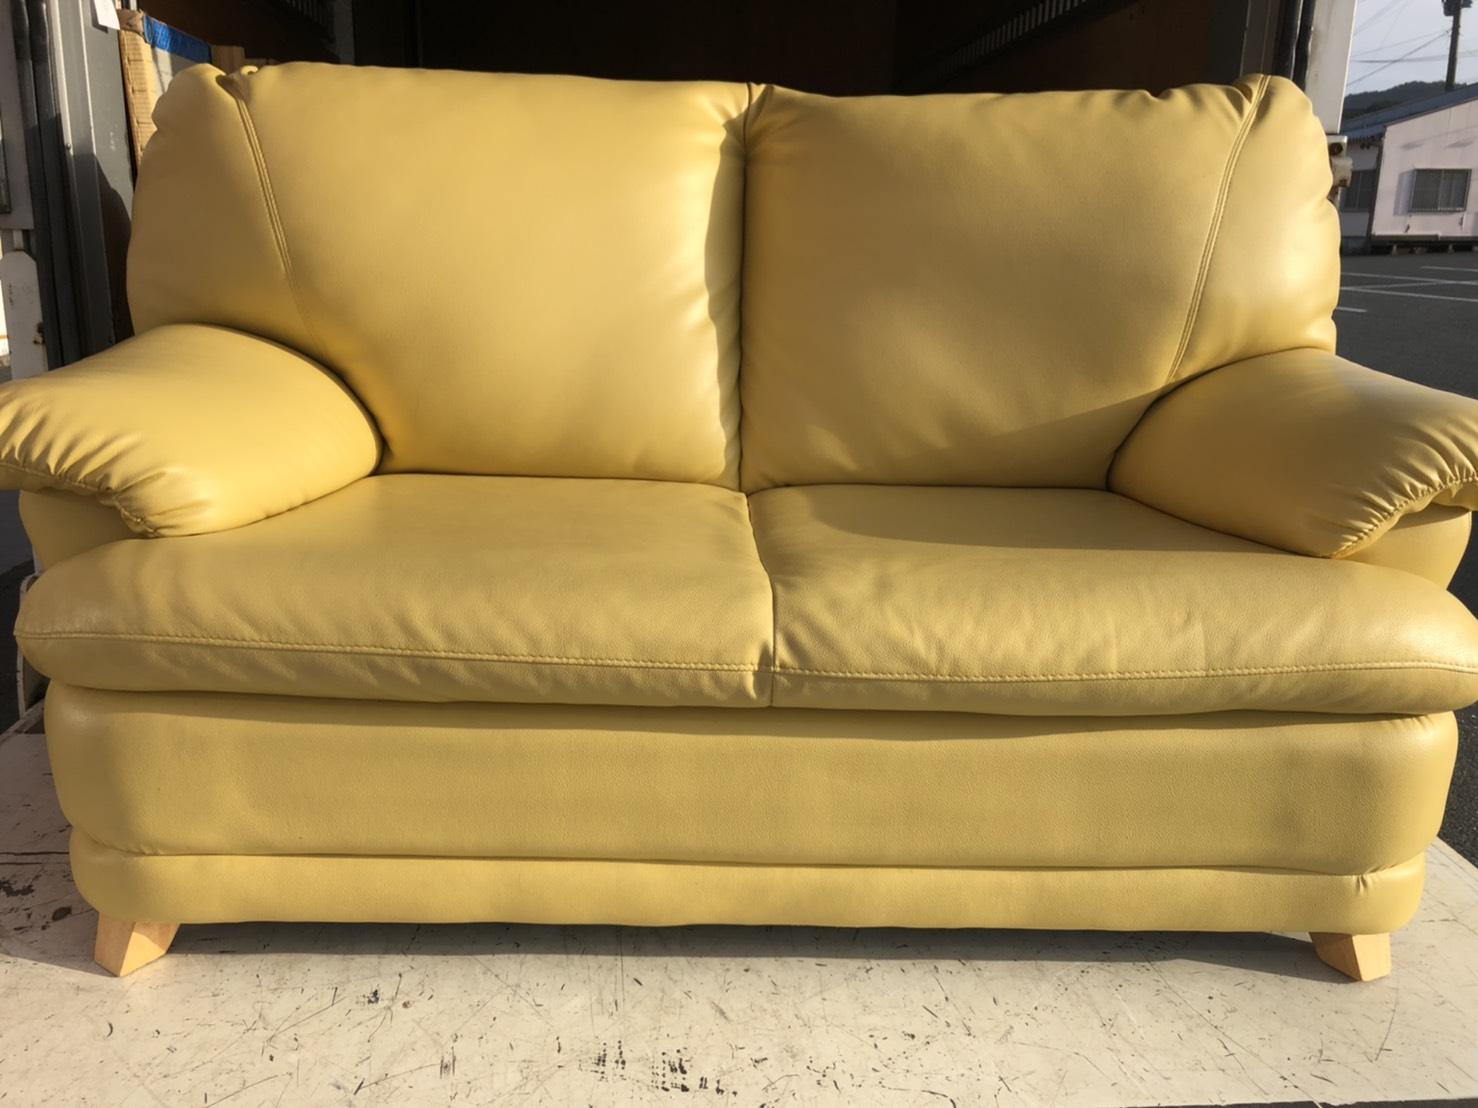 3/17★出張買取にてソファを買取させていただきました‼️ #出張買取 #マンガ倉庫 #武雄店 #白物 #家電#買取 #家具 #重い★